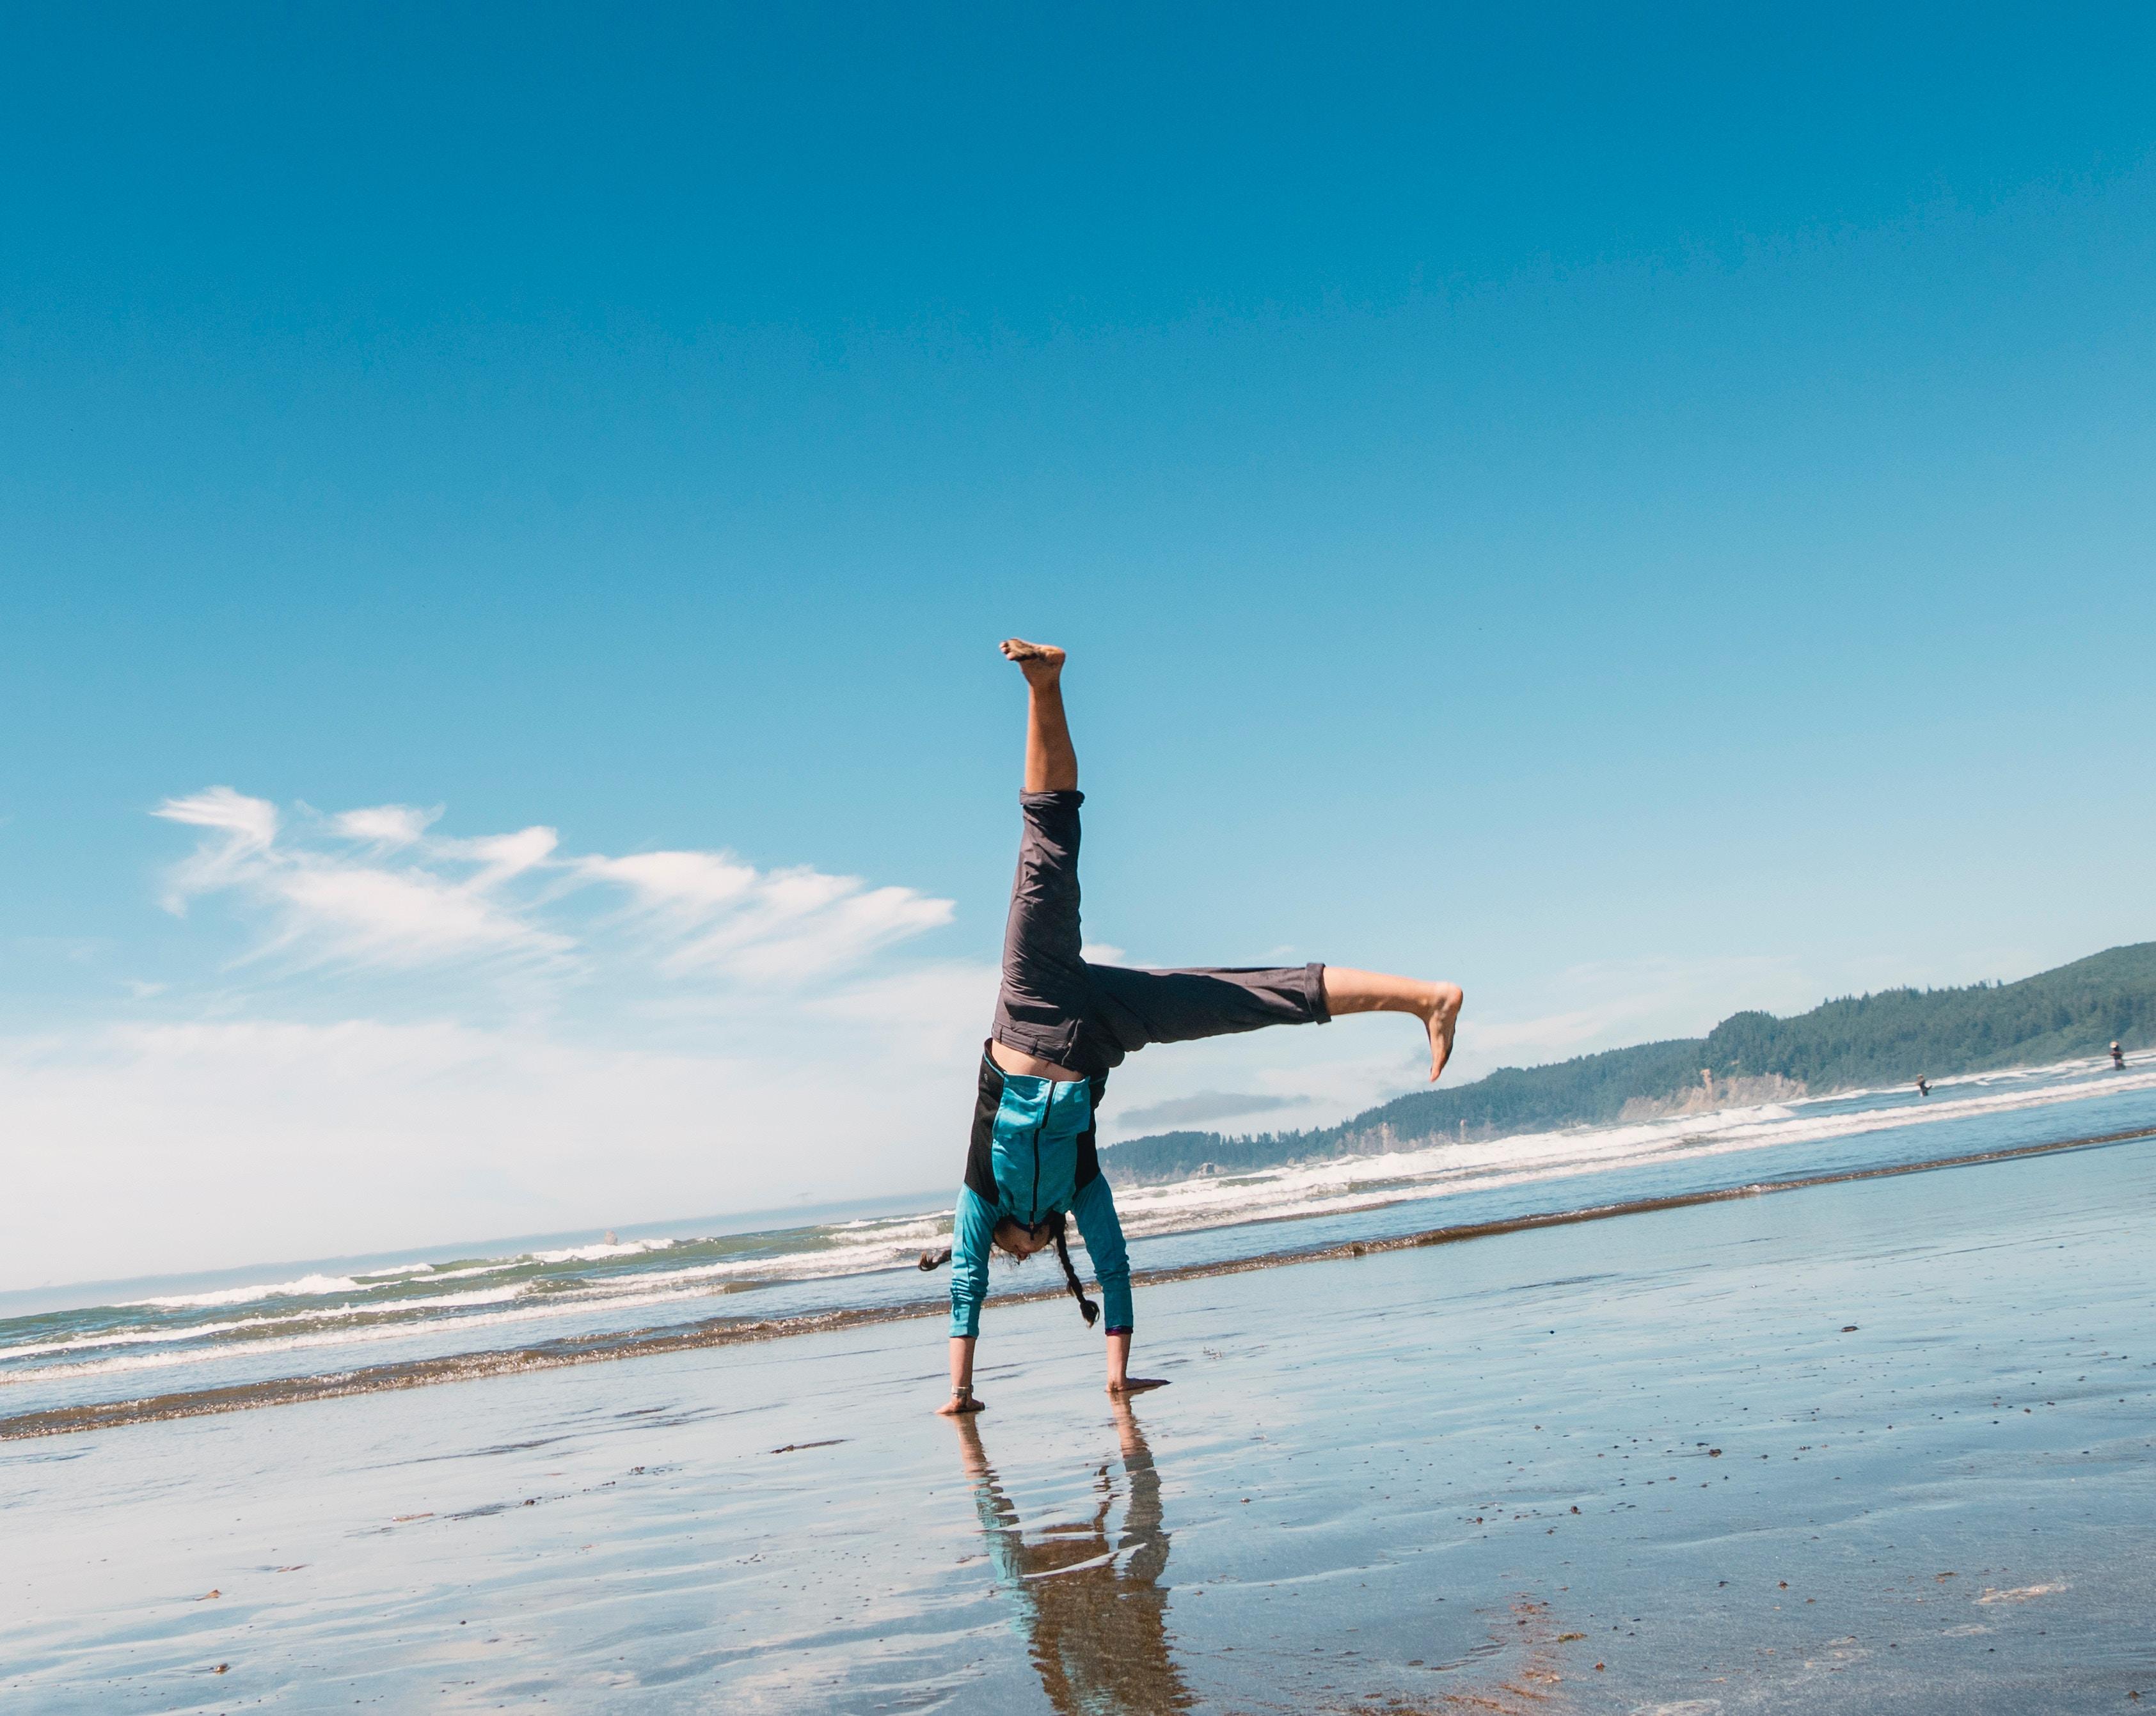 【股関節の外旋運動で最も強い筋肉のトレーニング方法】内閉鎖筋の特徴と作用